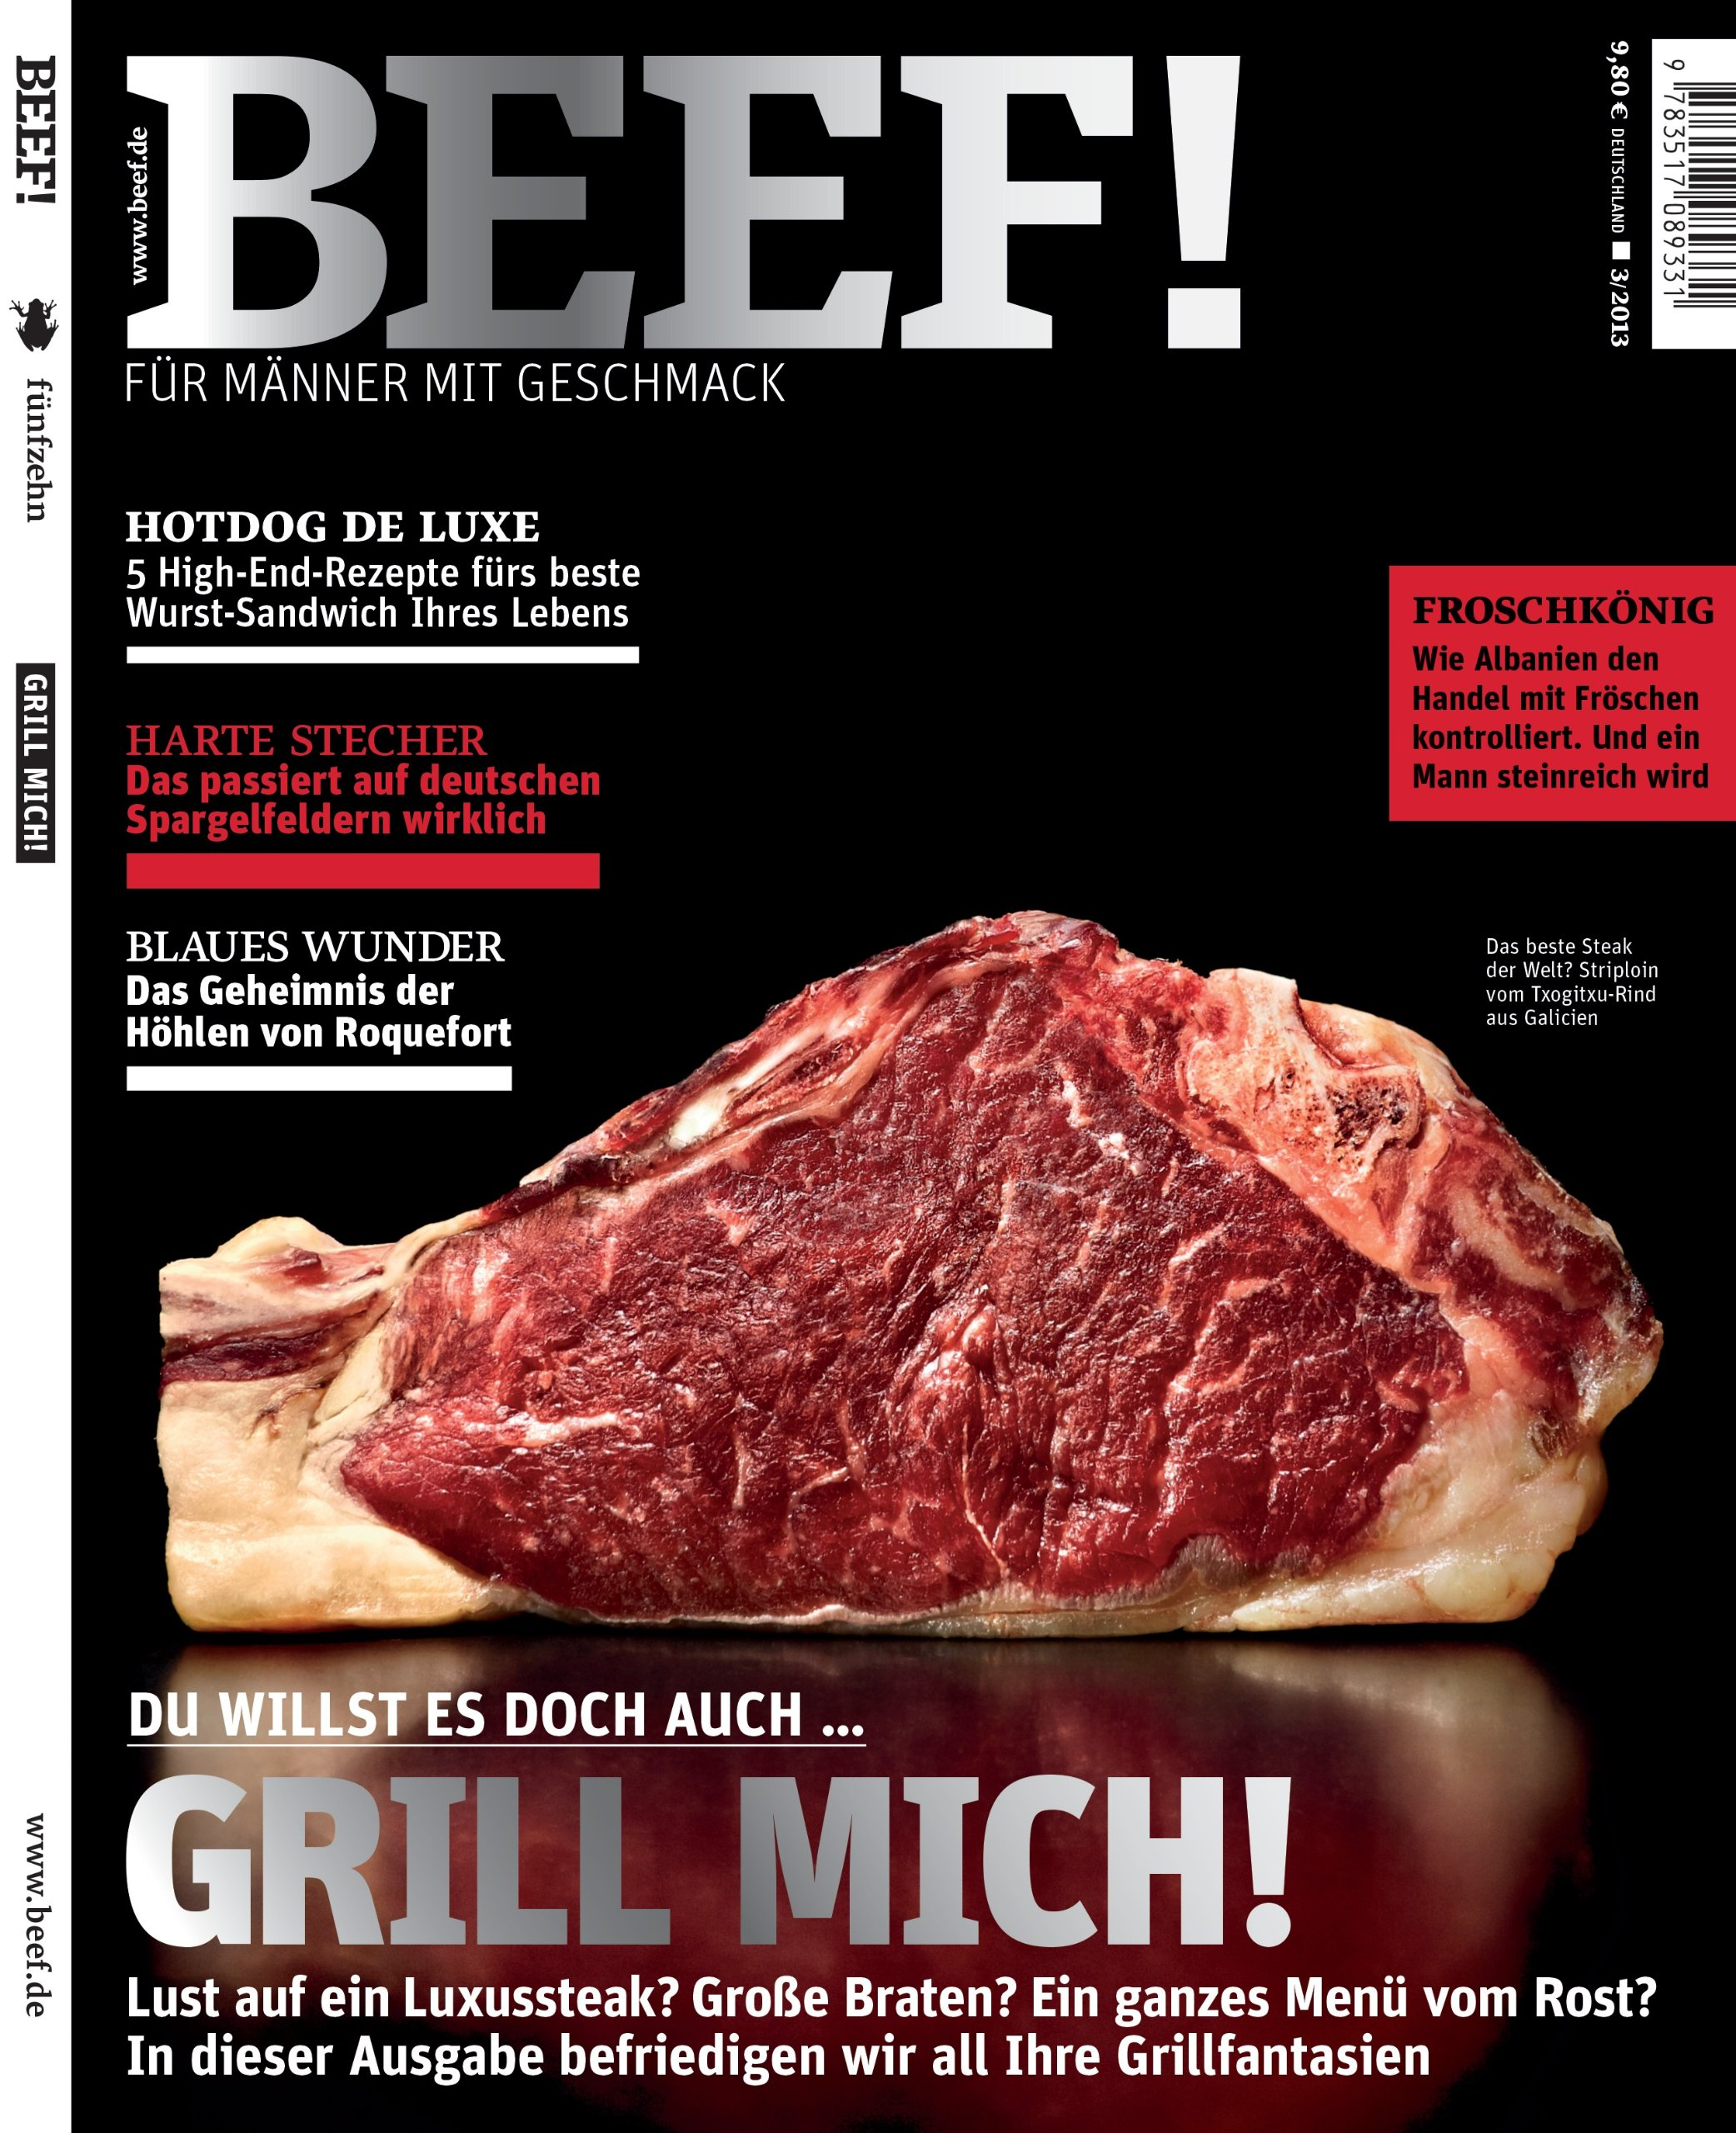 BEEF! - Für Männer mit Geschmack: Ausgabe 3/2013